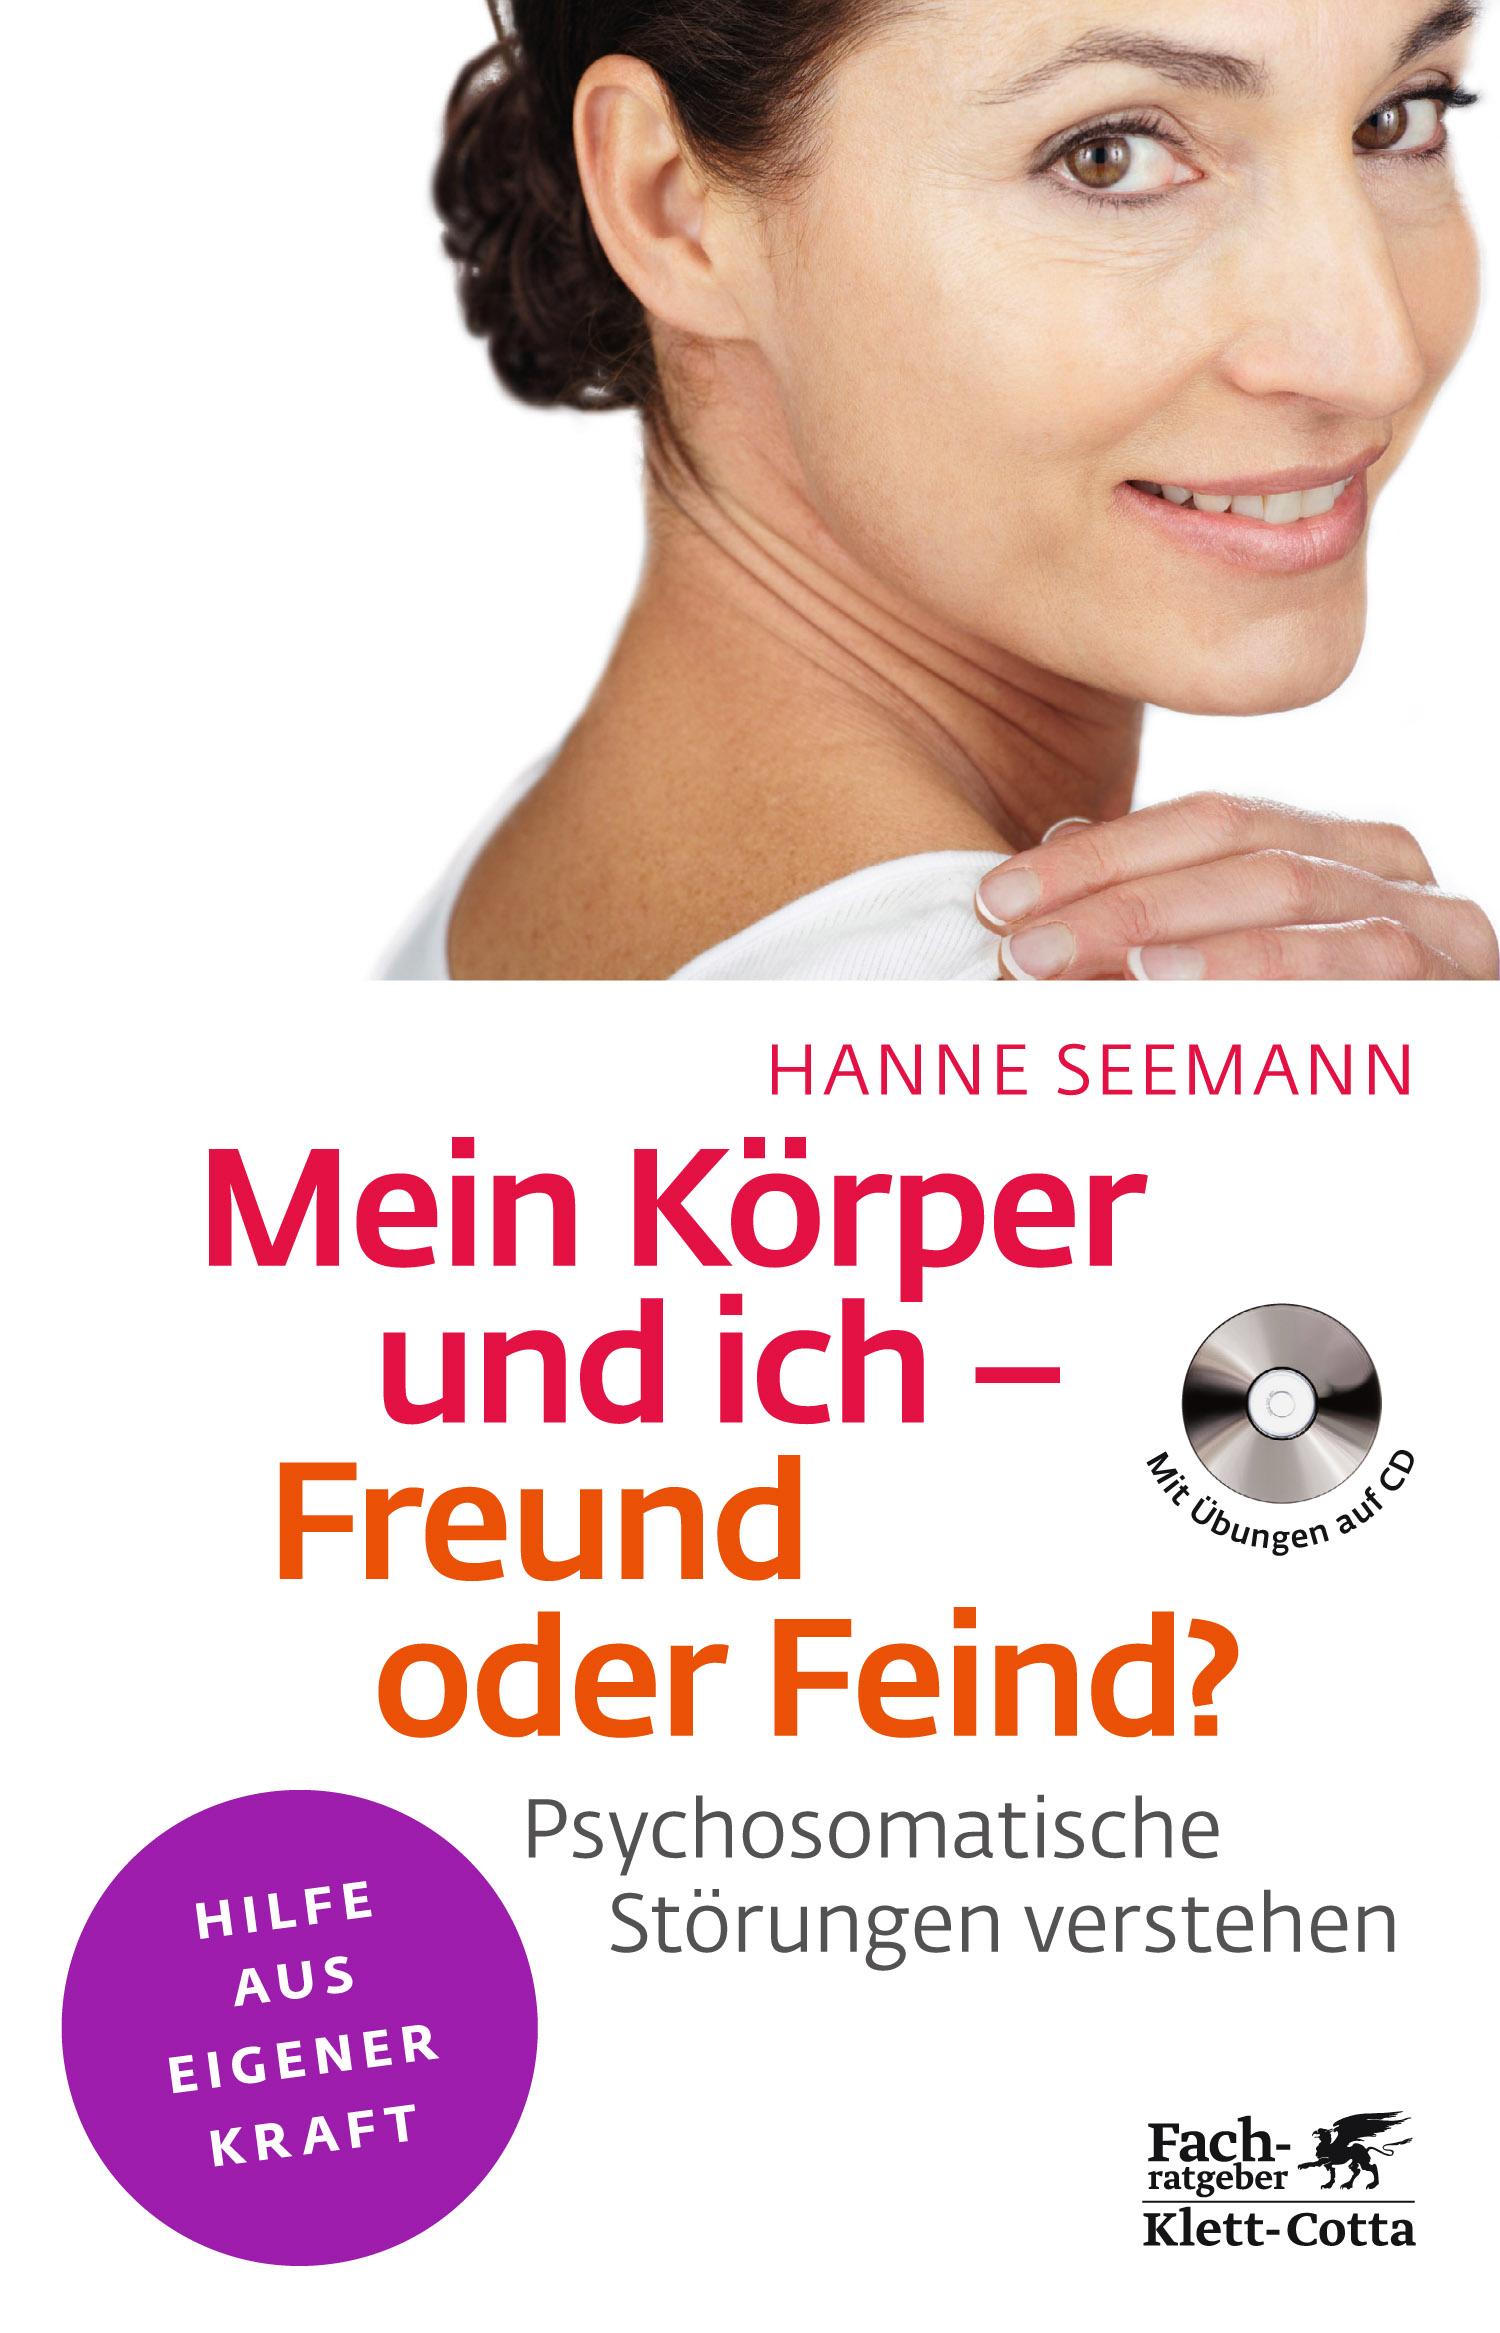 Mein Körper und ich - Freund oder Feind?: Psychosomatische Störungen verstehen - Hanne Seemann [Broschiert, mit CD]